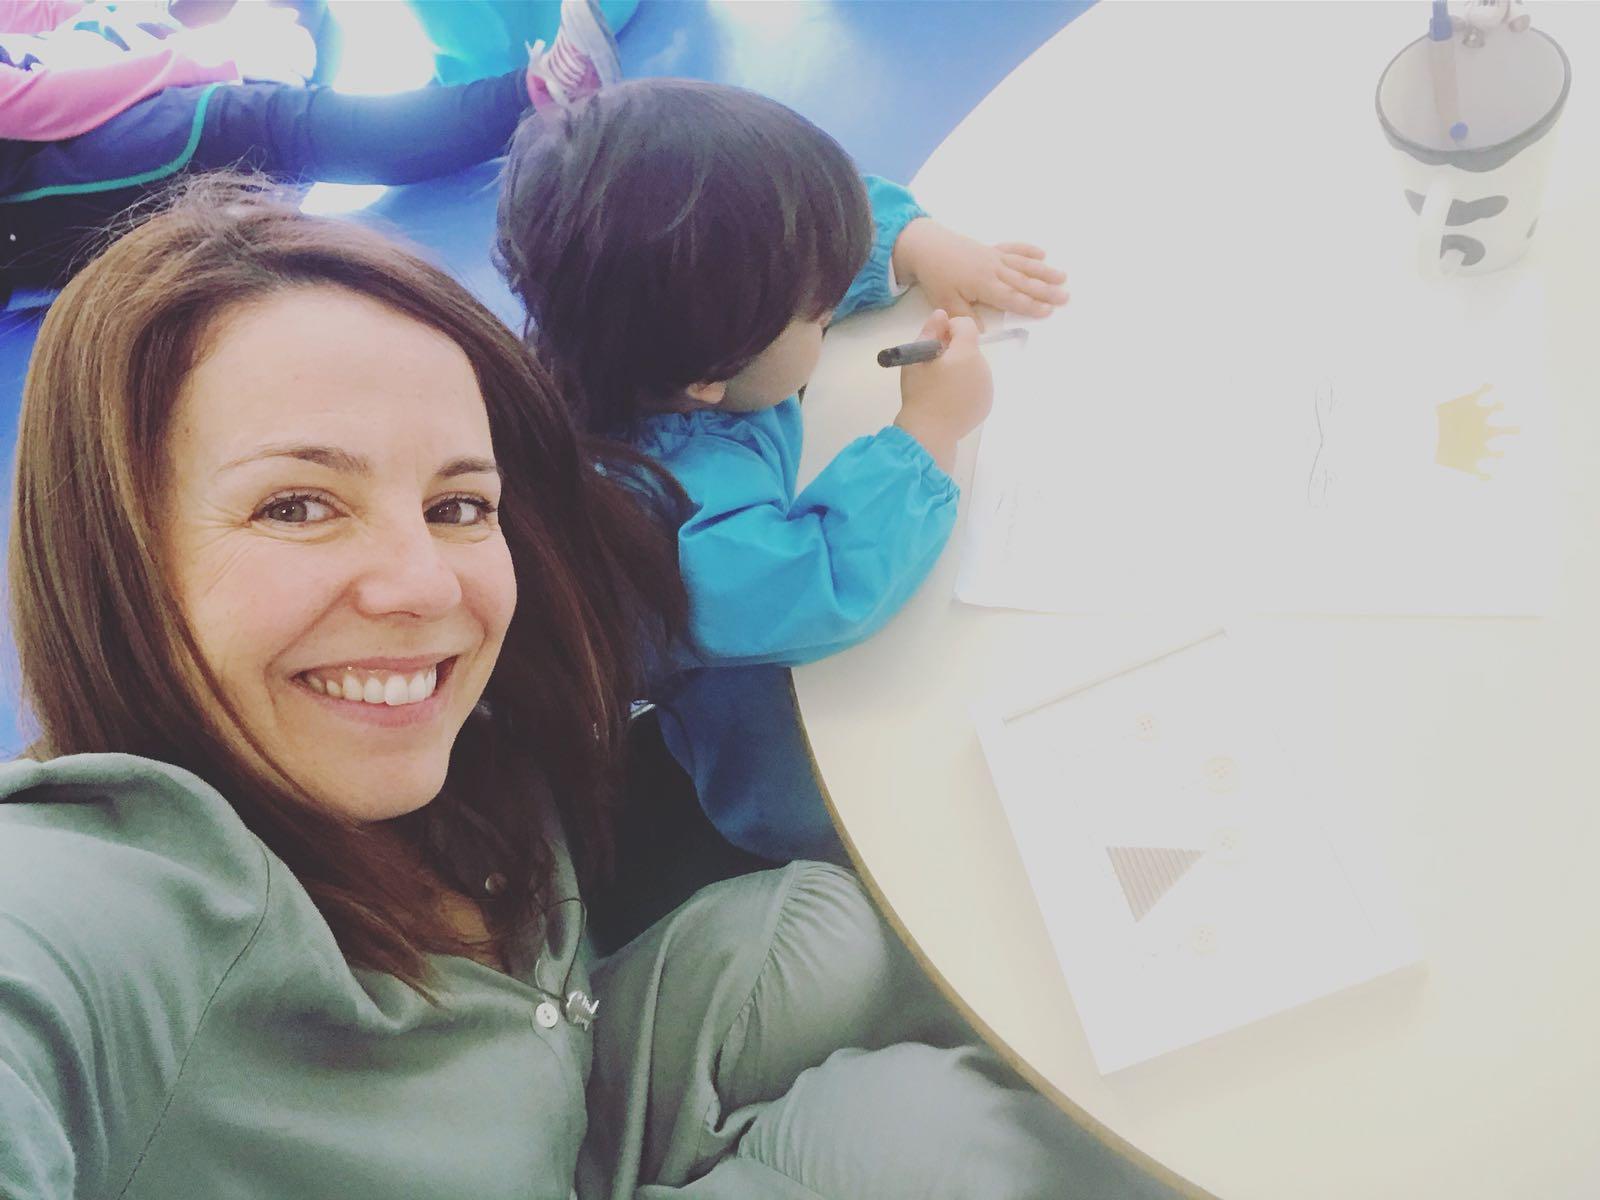 O Primeiro Sorriso Do Meu Dia Aparece Qu: Baby Blogs Portugal